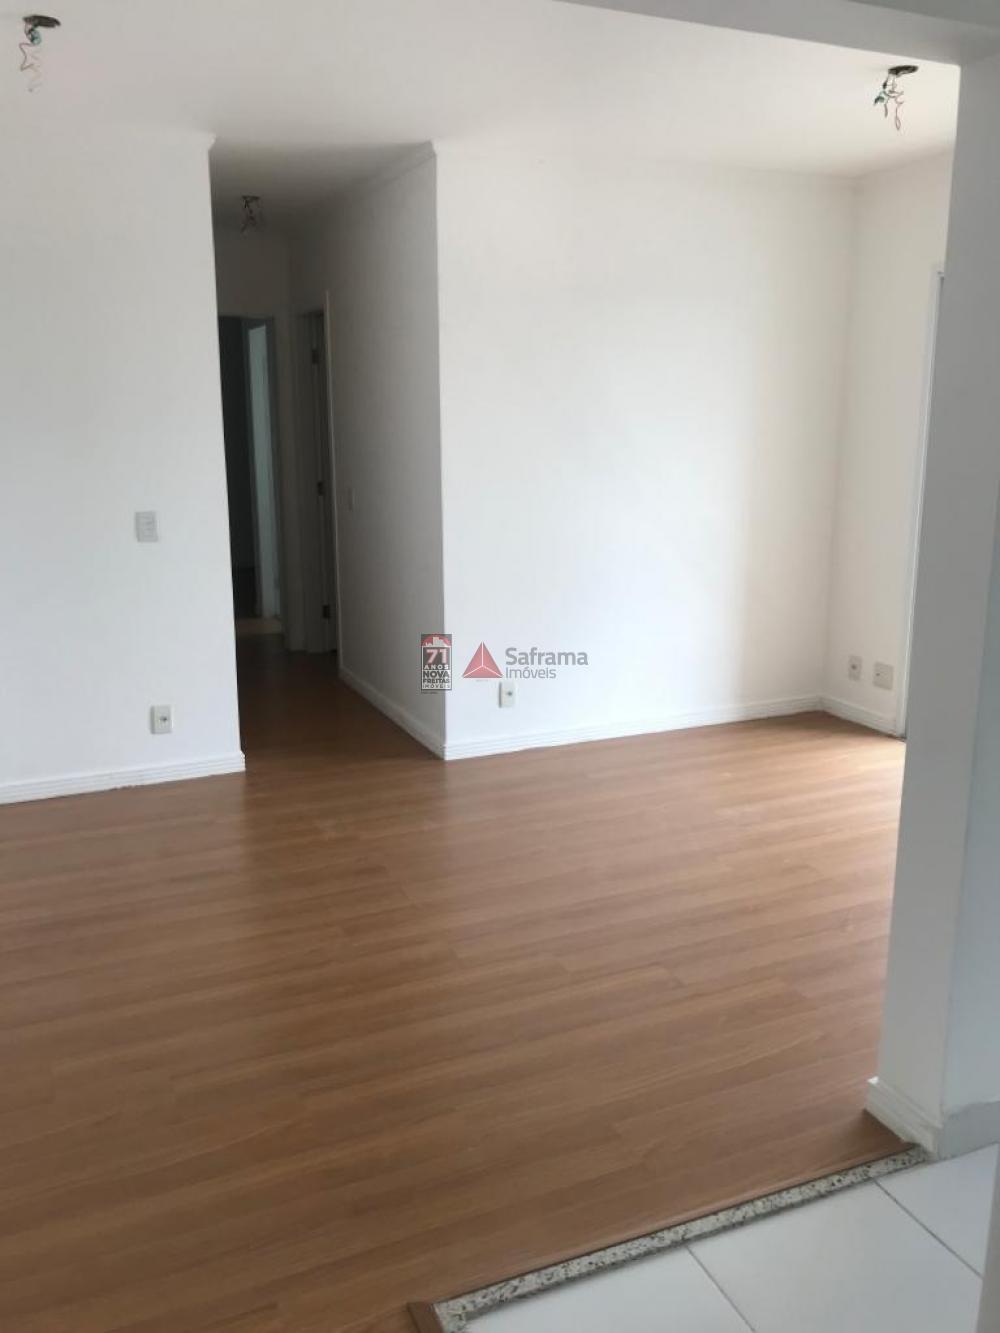 Comprar Apartamento / Padrão em São José dos Campos apenas R$ 315.000,00 - Foto 4